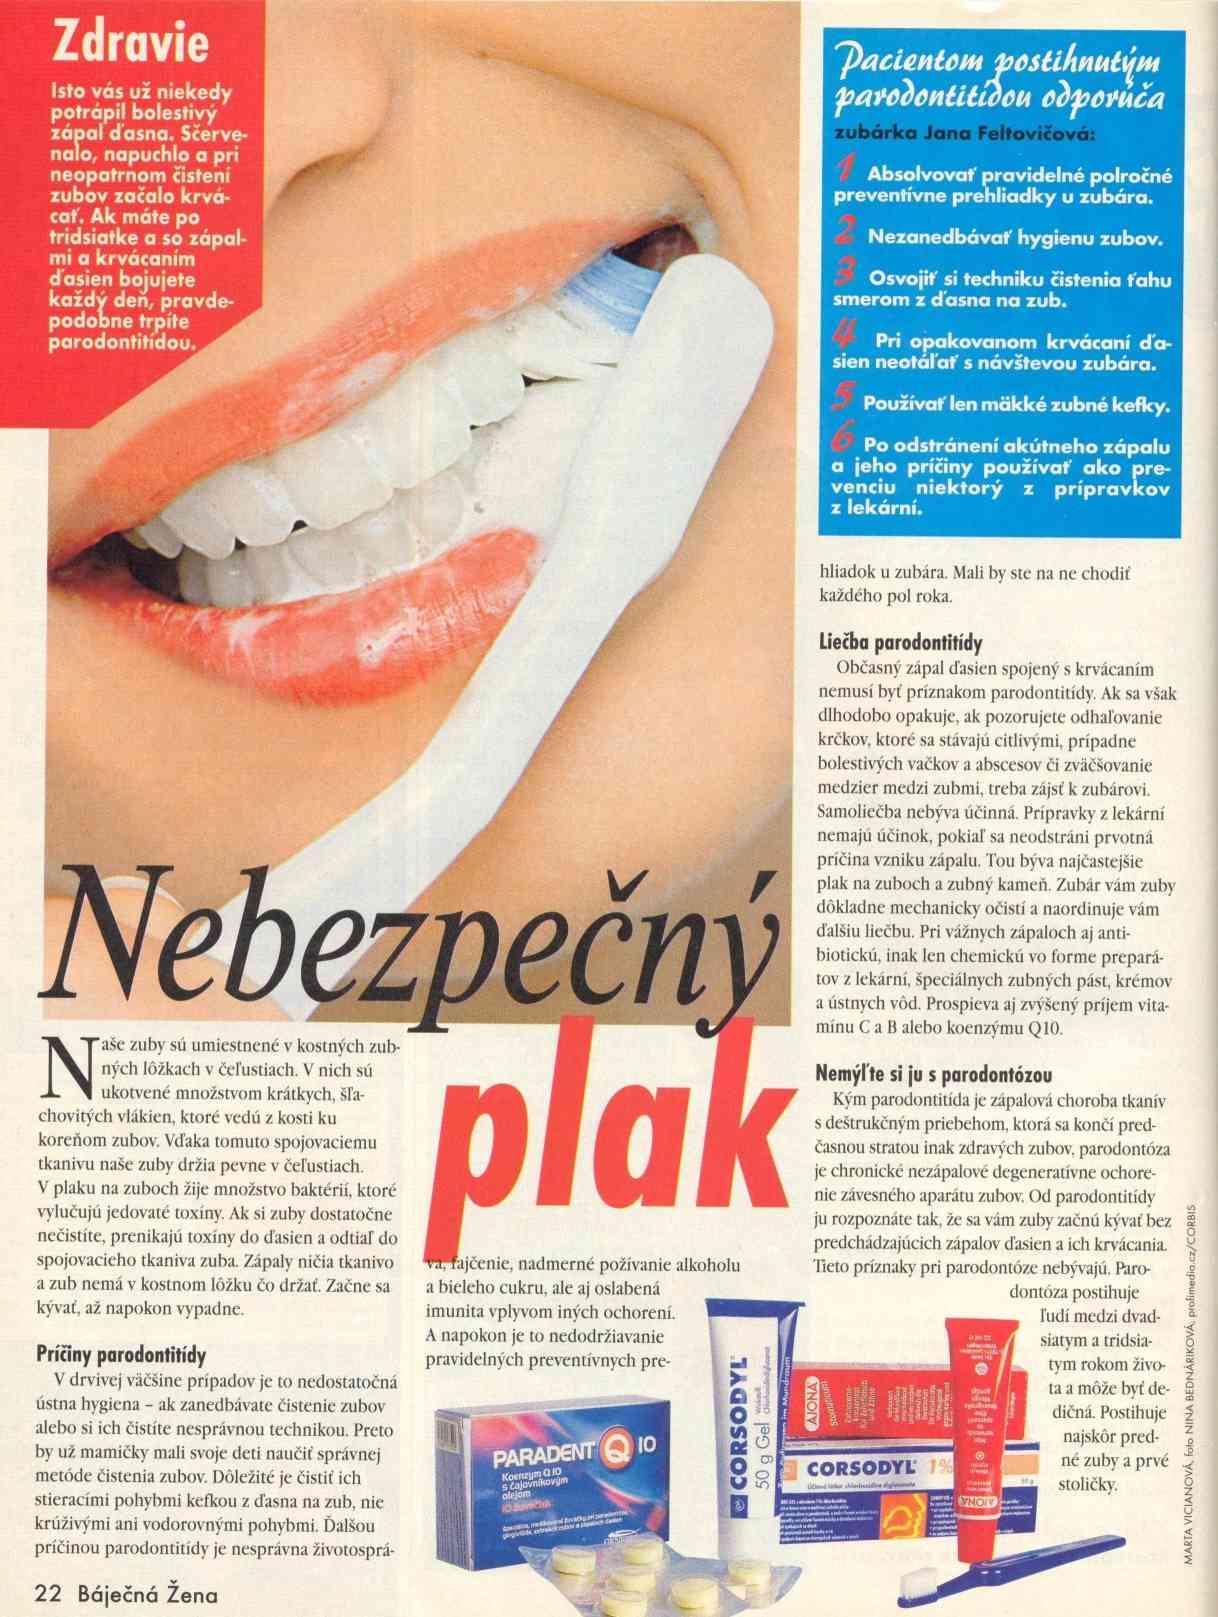 Zdravie: nebezpečný zubný plak.